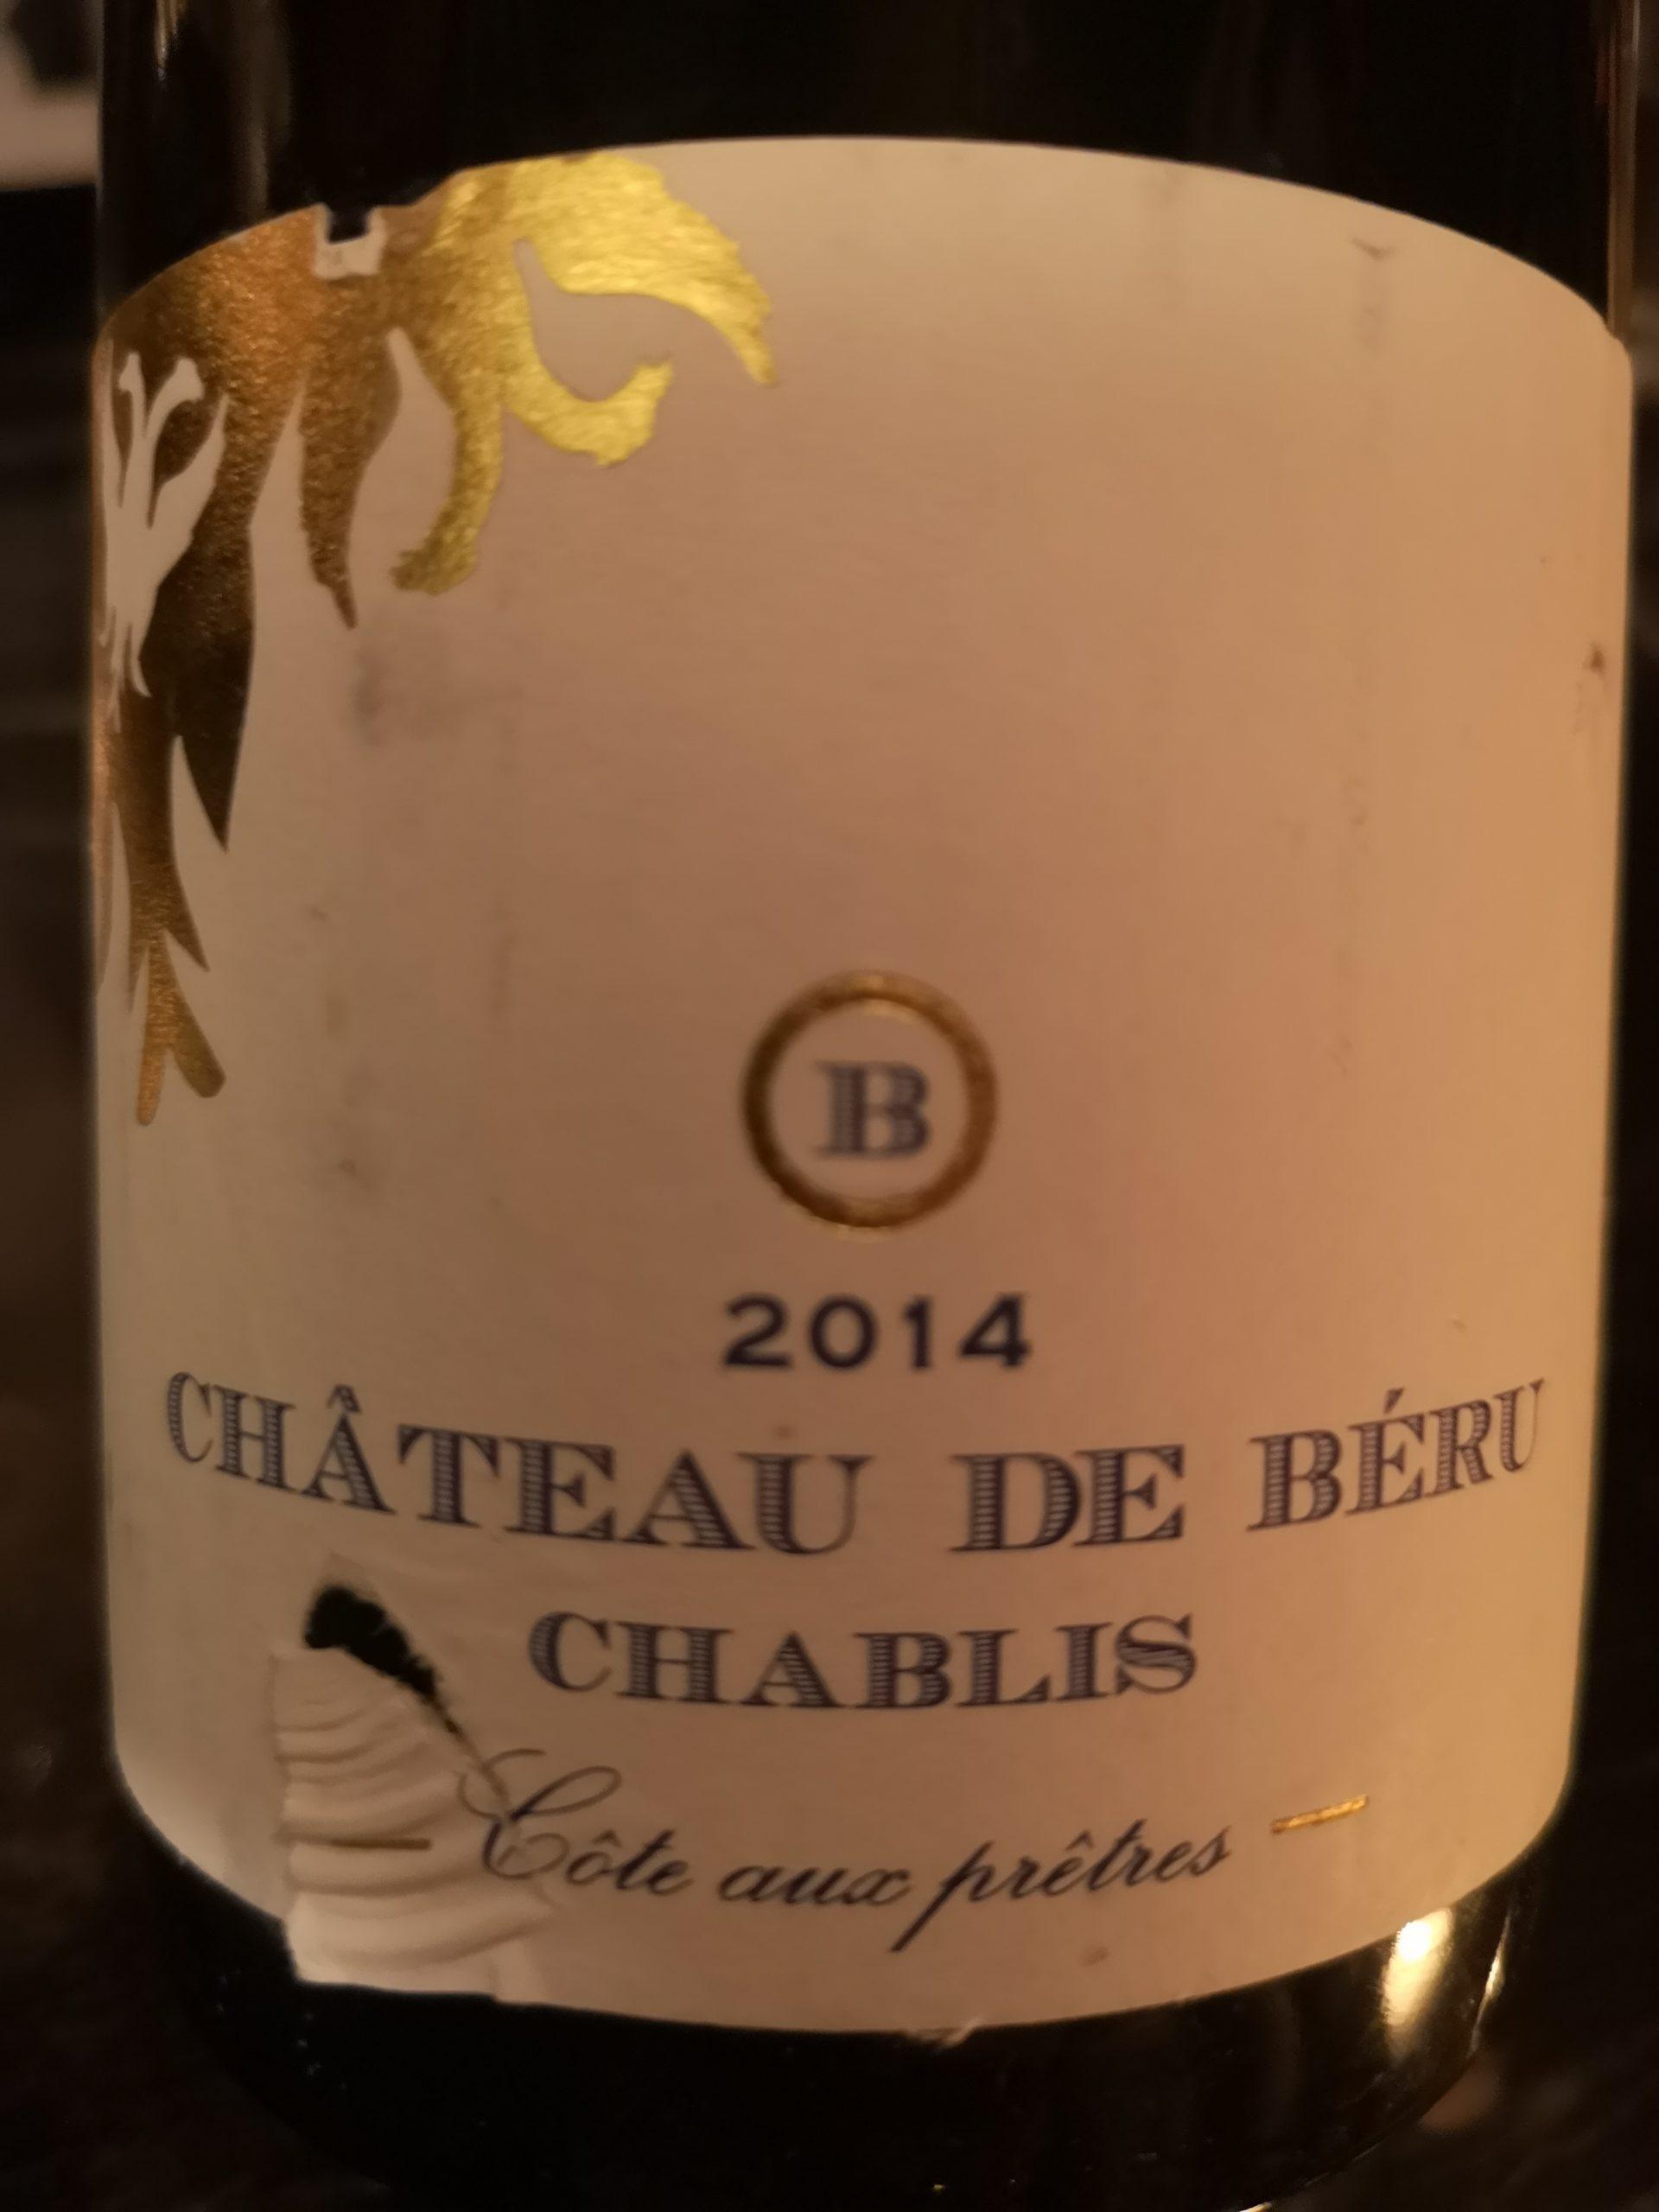 2014 Chardonnay Chablis | Château de Beru